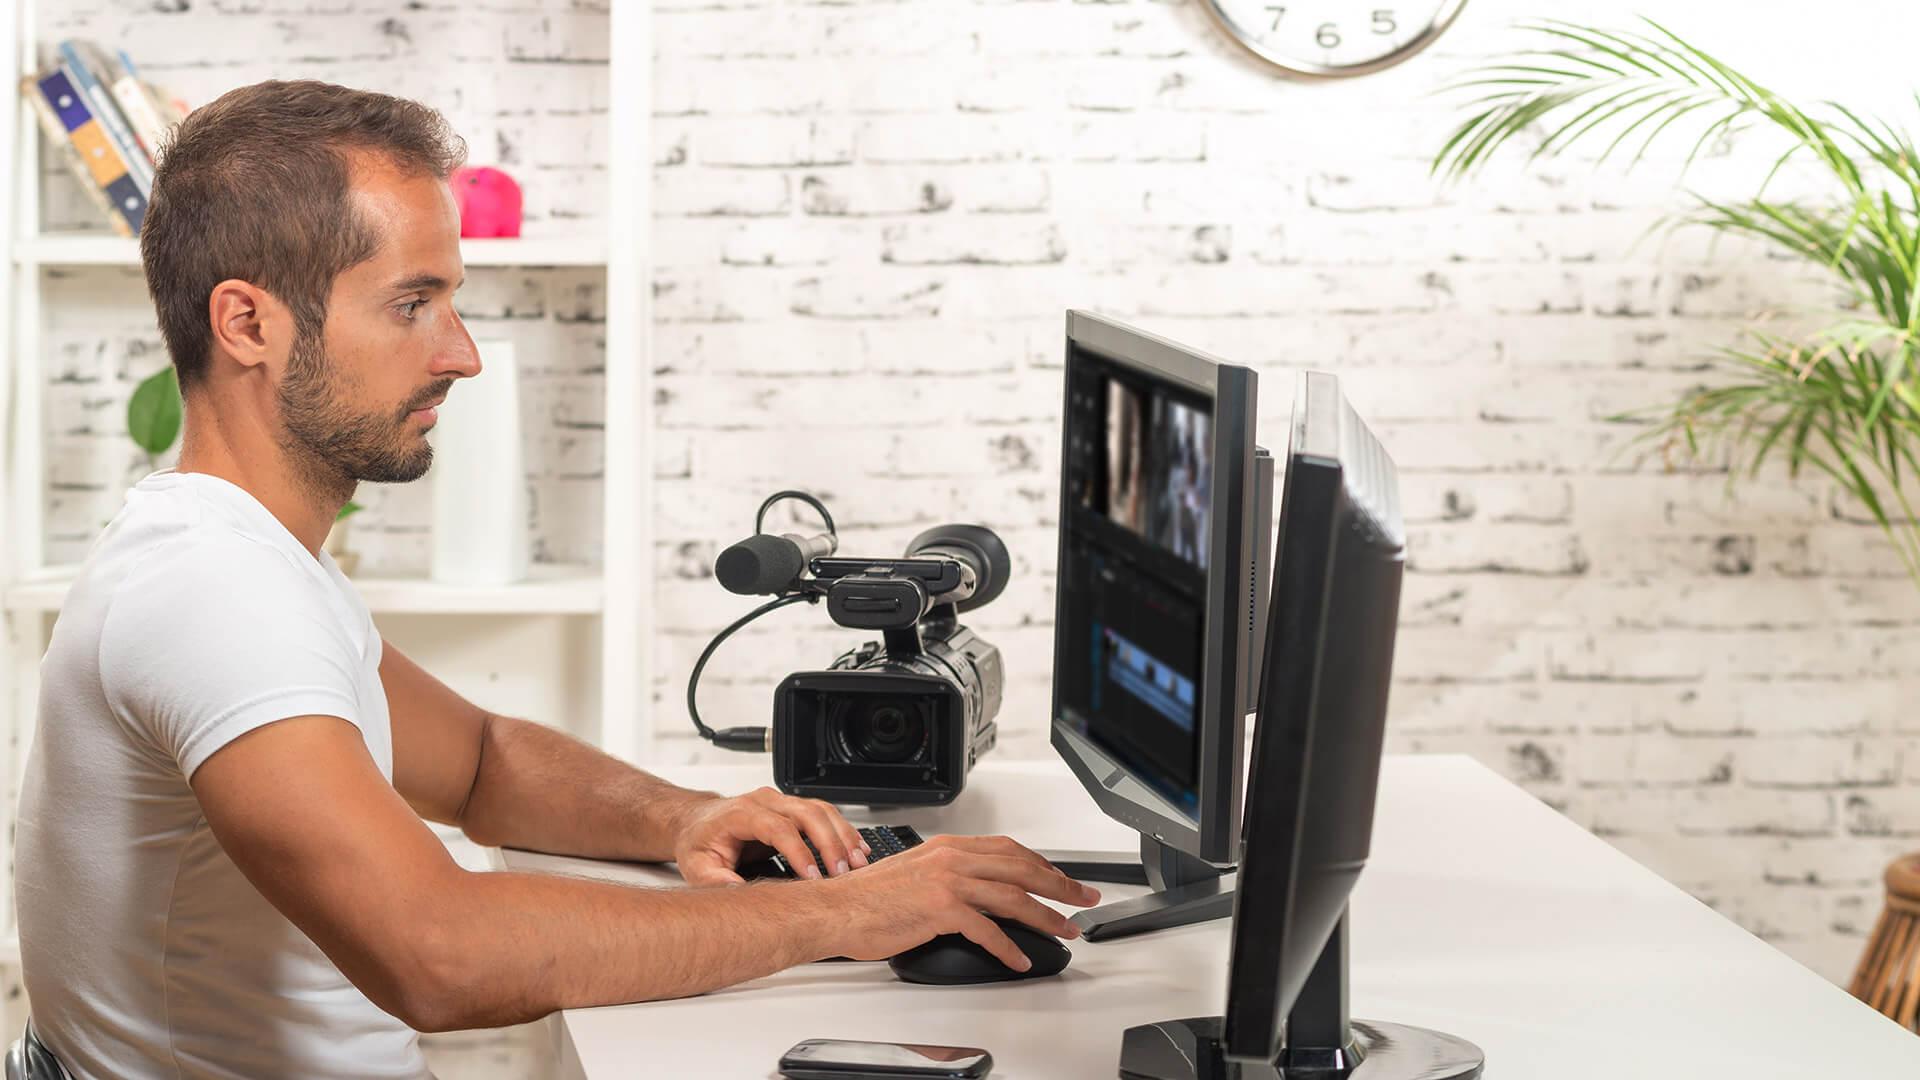 ¿Los videos de Google My Business no aparecen en su ficha local?  Es un error de Google